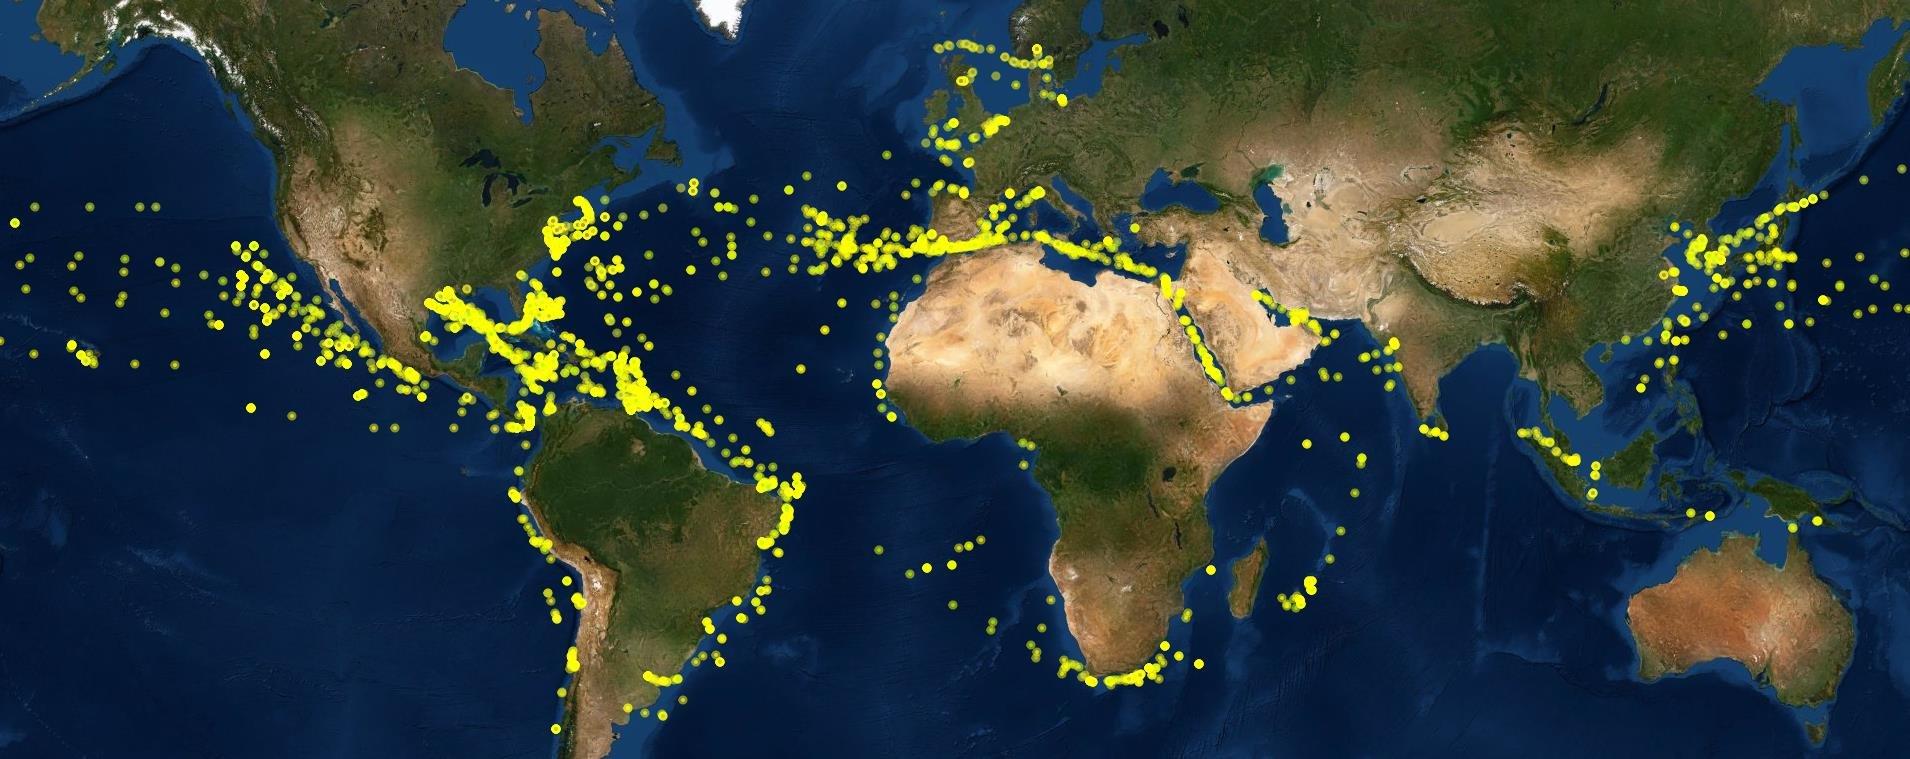 LNG trade flows